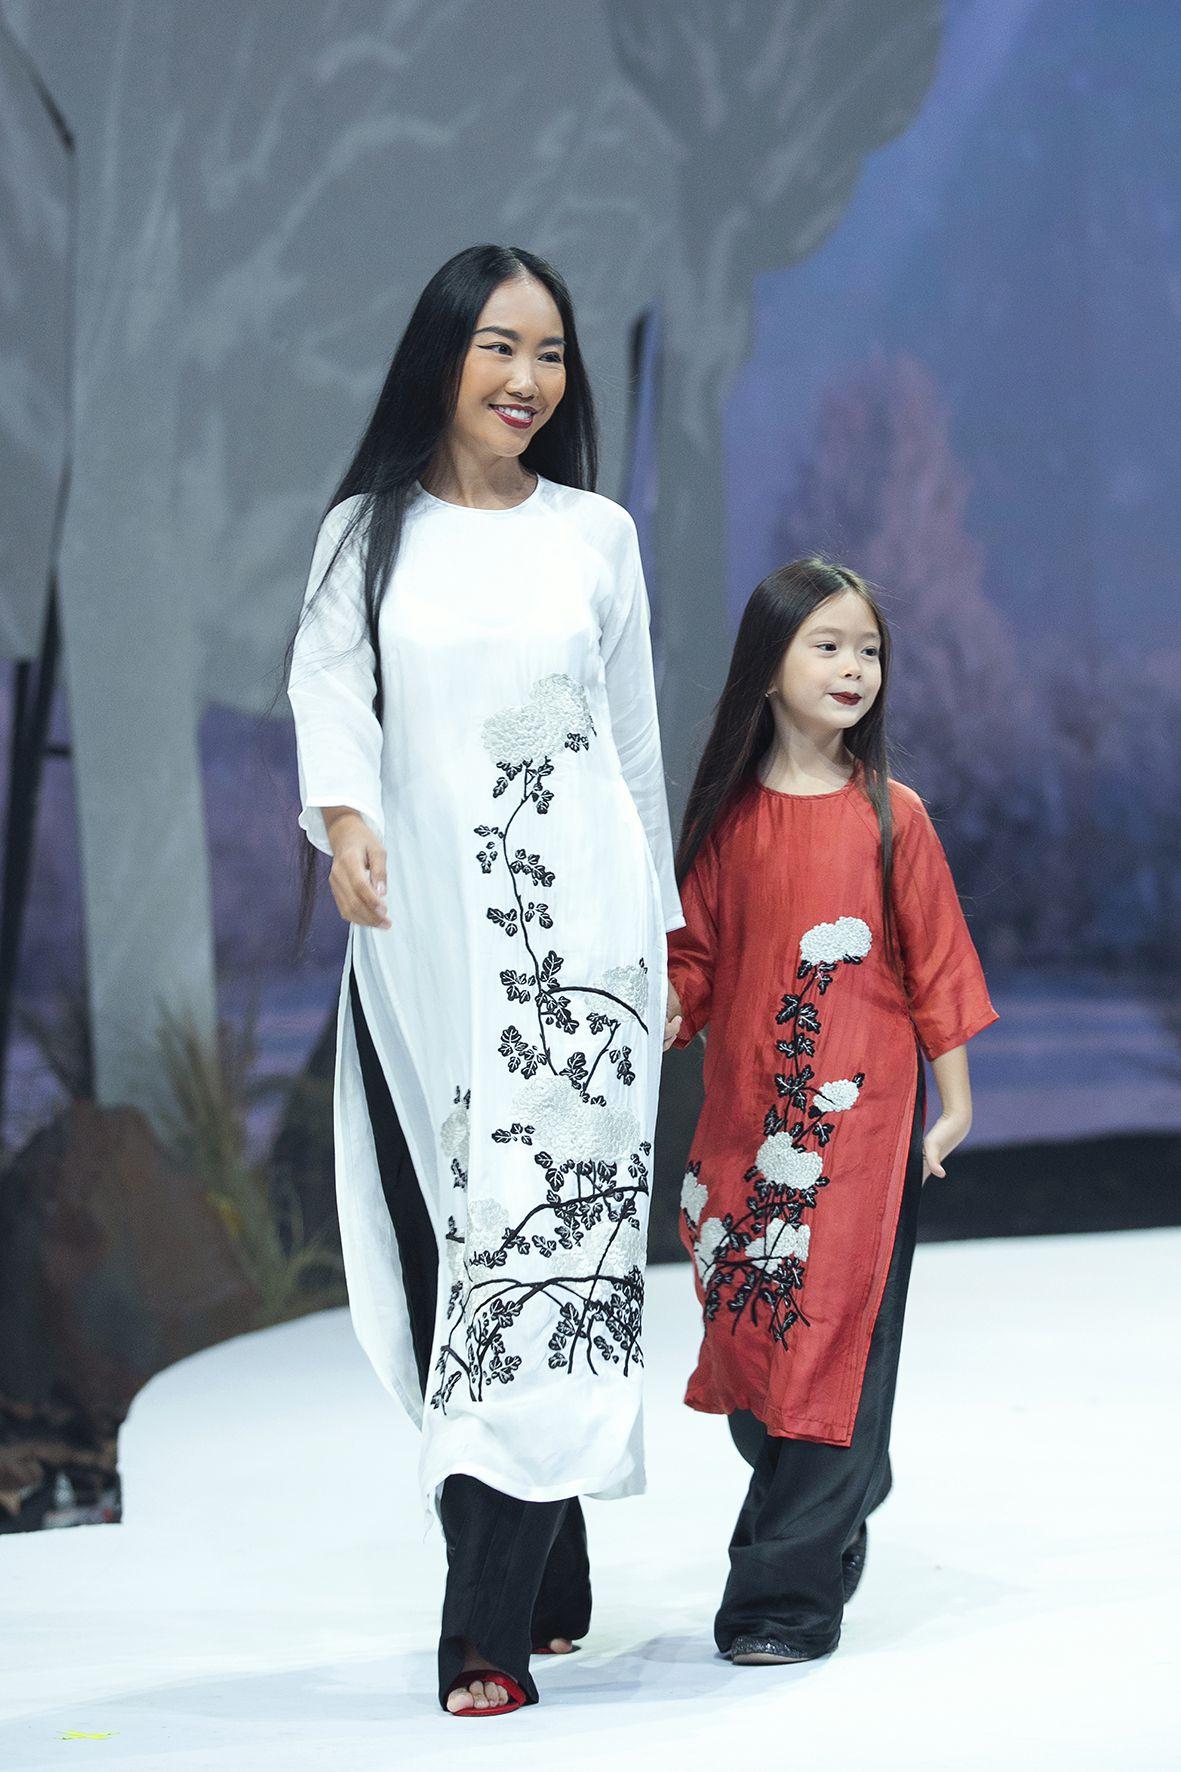 """Lần đầu tiên đưa """"quý tử"""" lên sàn catwalk, vợ chồng Lương Thế Thành - Trúc Diễm khép lại Tuần lễ thời trang trẻ em 2020 - Ảnh 1."""